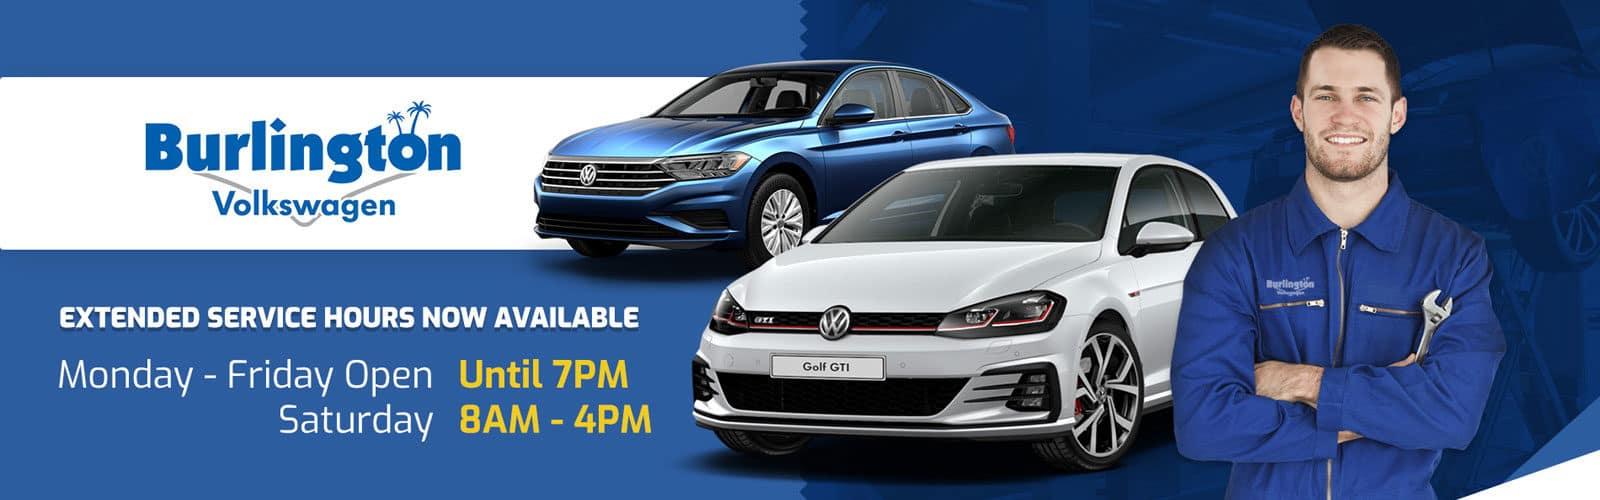 Cherry Hill Vw >> Burlington Volkswagen New And Used Volkswagen Dealer In Nj